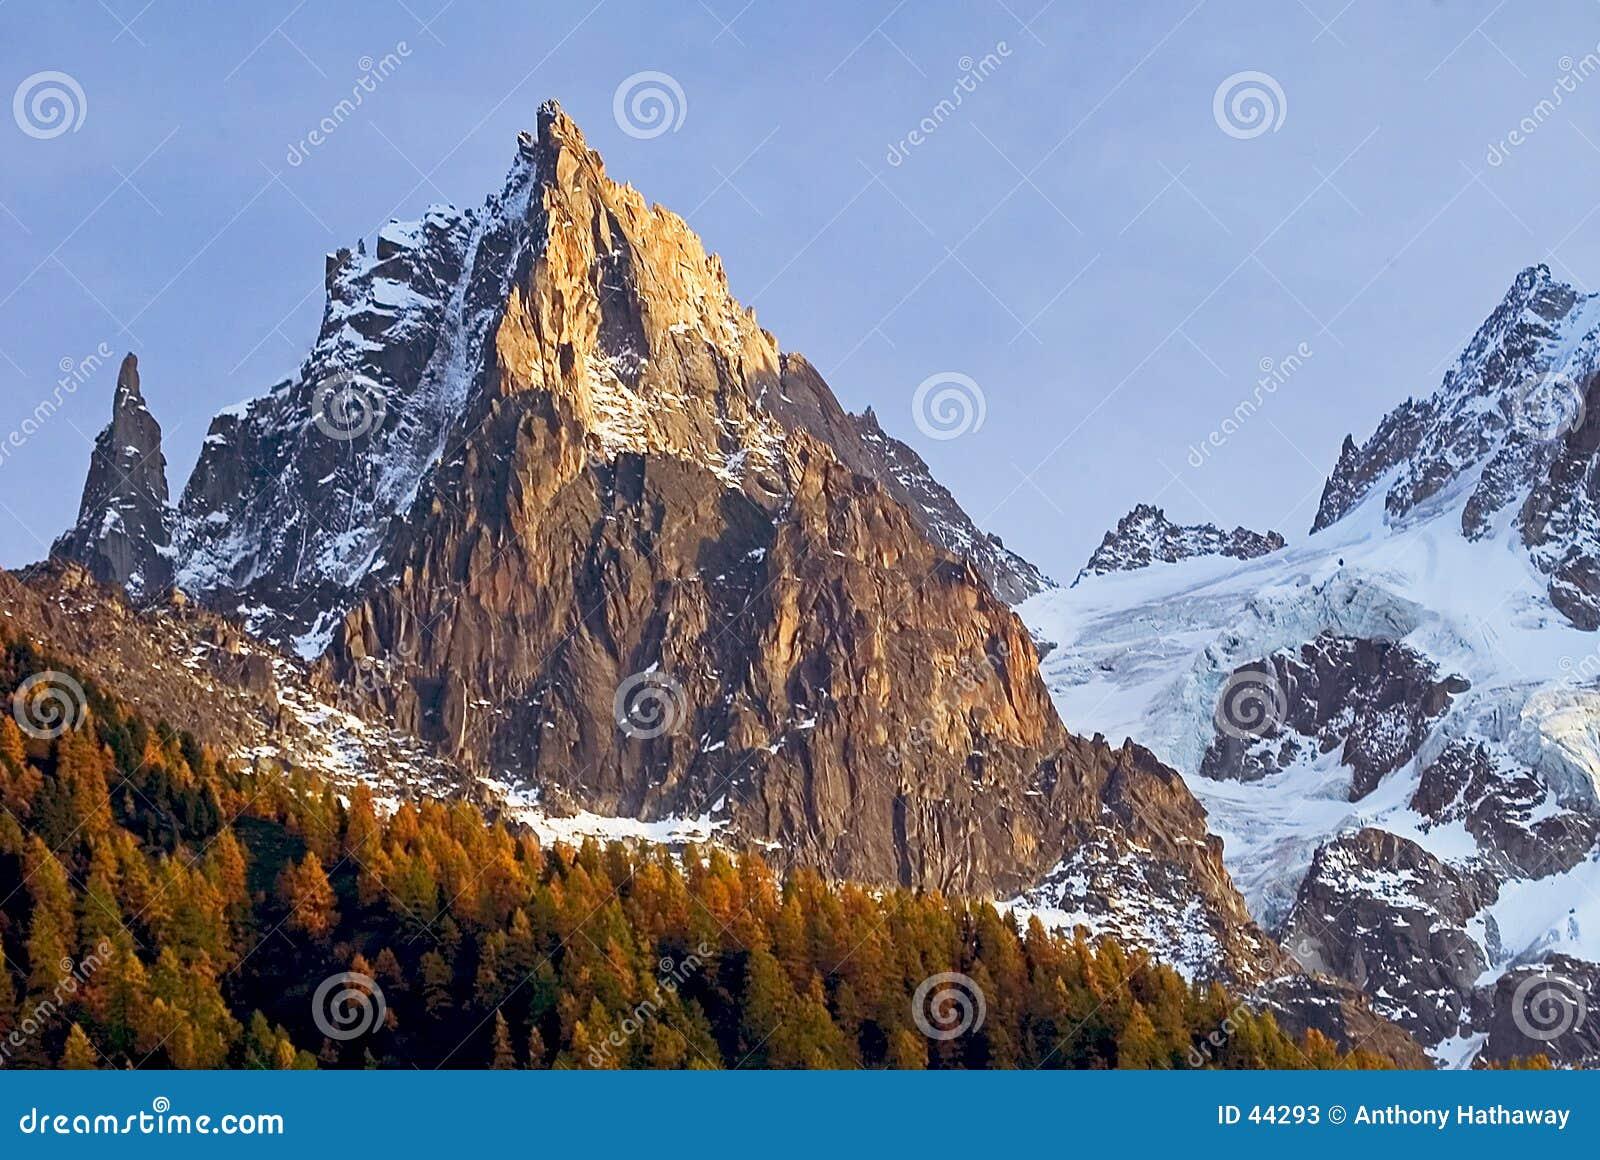 Cena alpina com larício